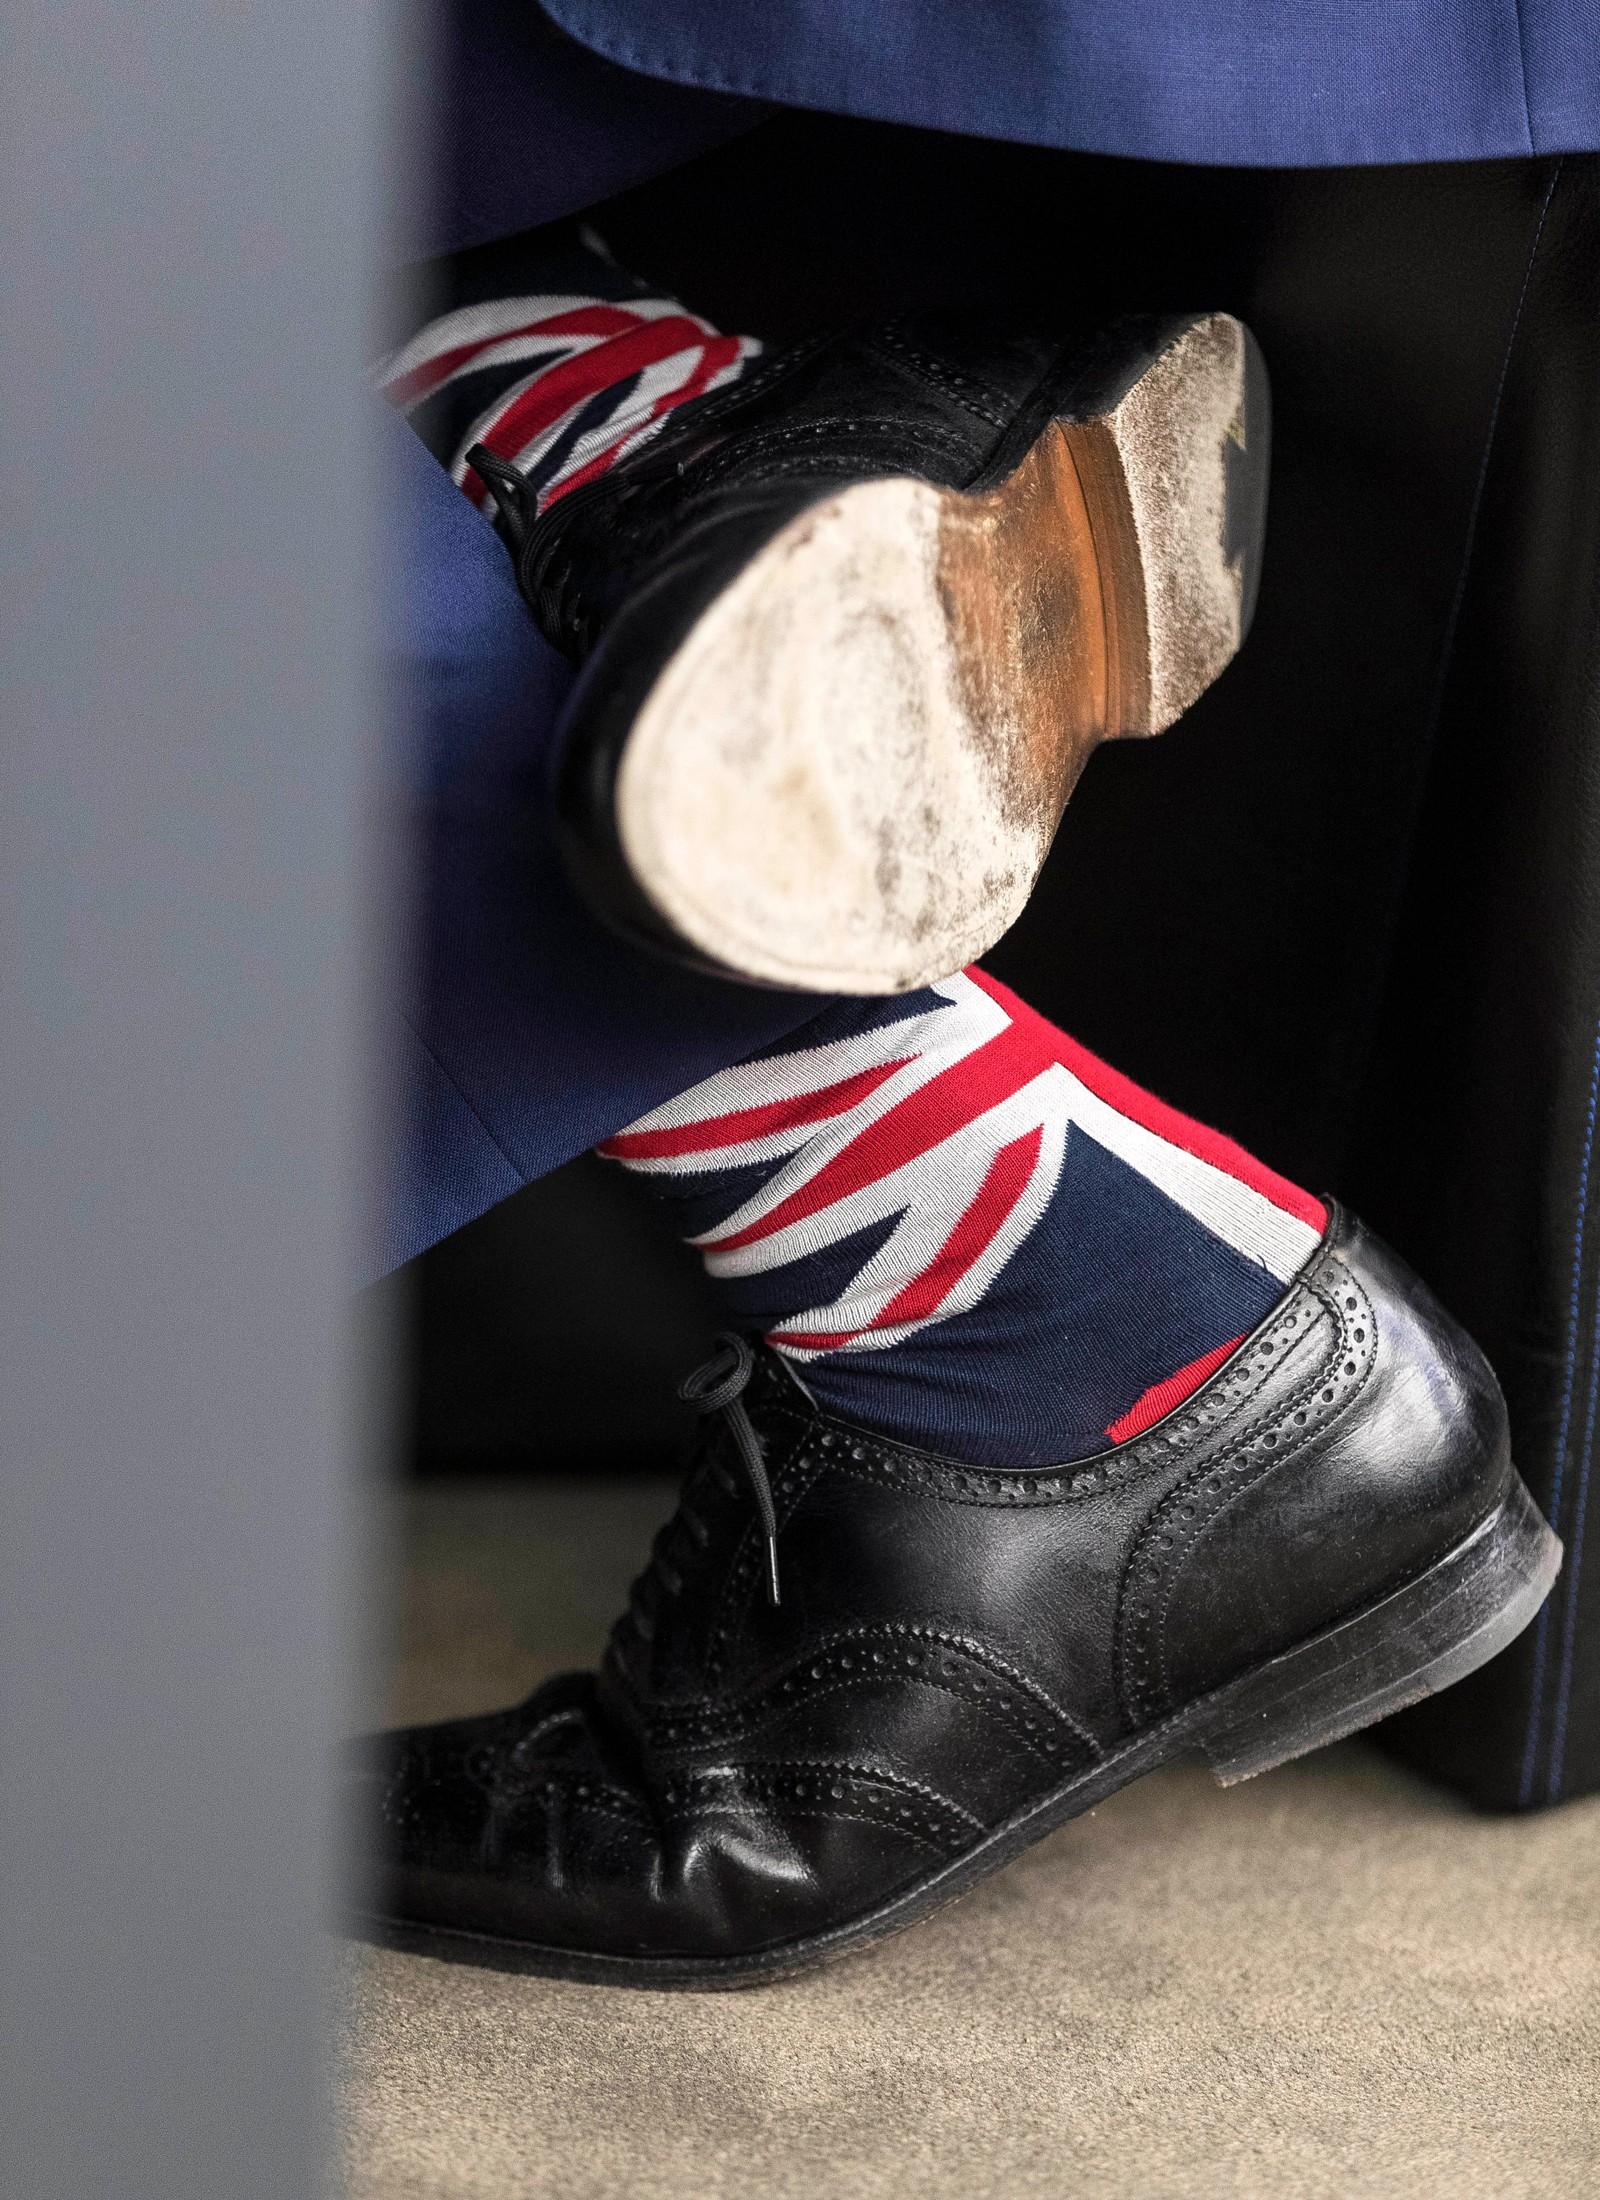 Den britiske Brexit-generalen Nigel Farage under et EU-møte i Strasbourg i Frankrike.